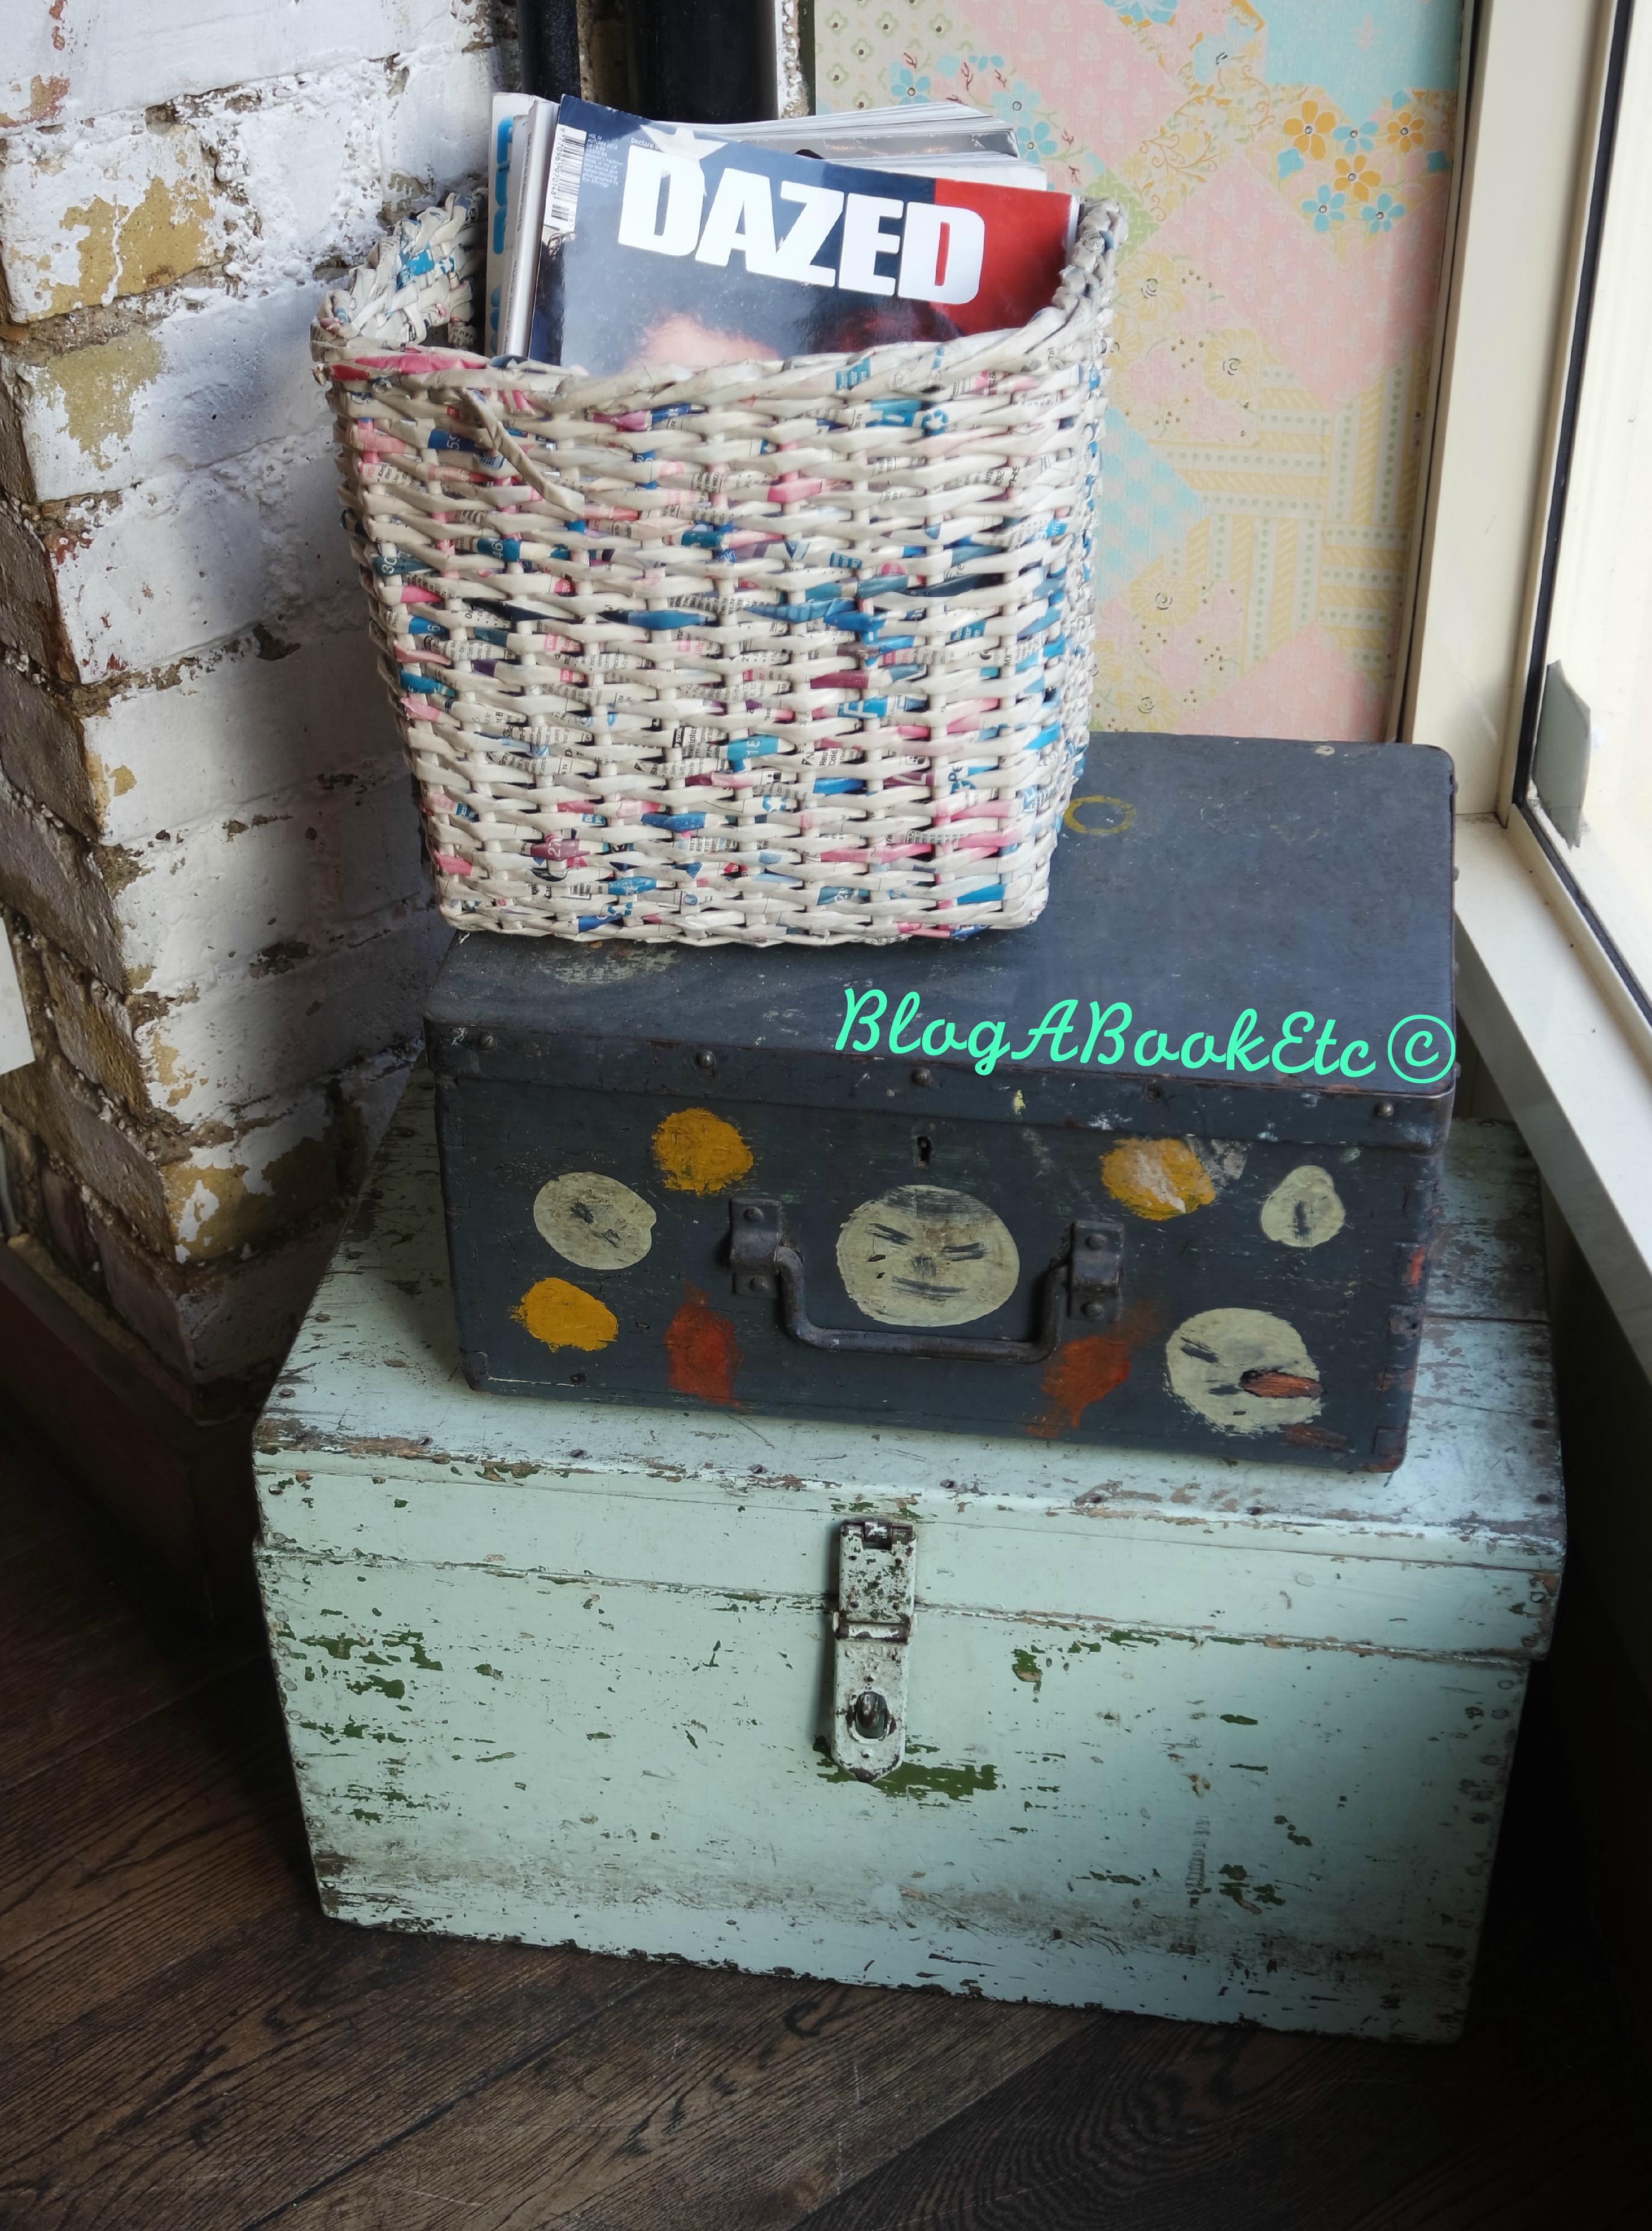 M1LK, Luggage, Cafe, London, Balham